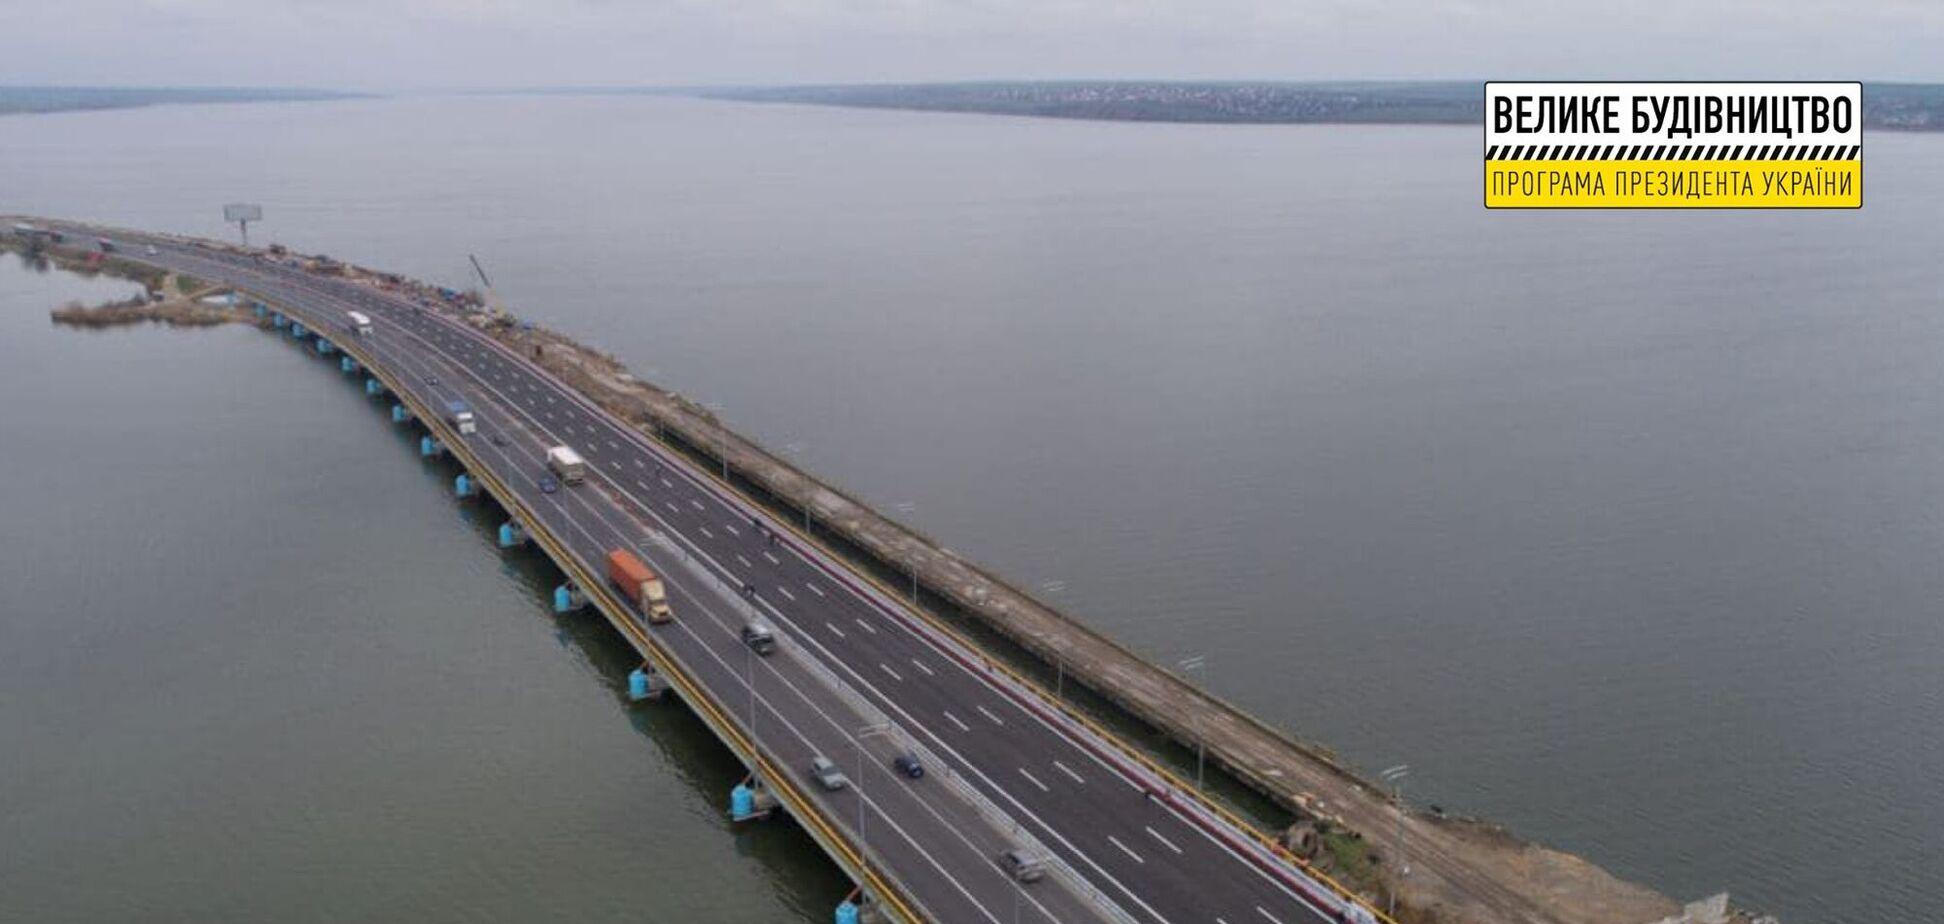 Легендарні затори закінчаться: біля Одеси за програмою Зеленського завершилося будівництво Хаджибейського мосту